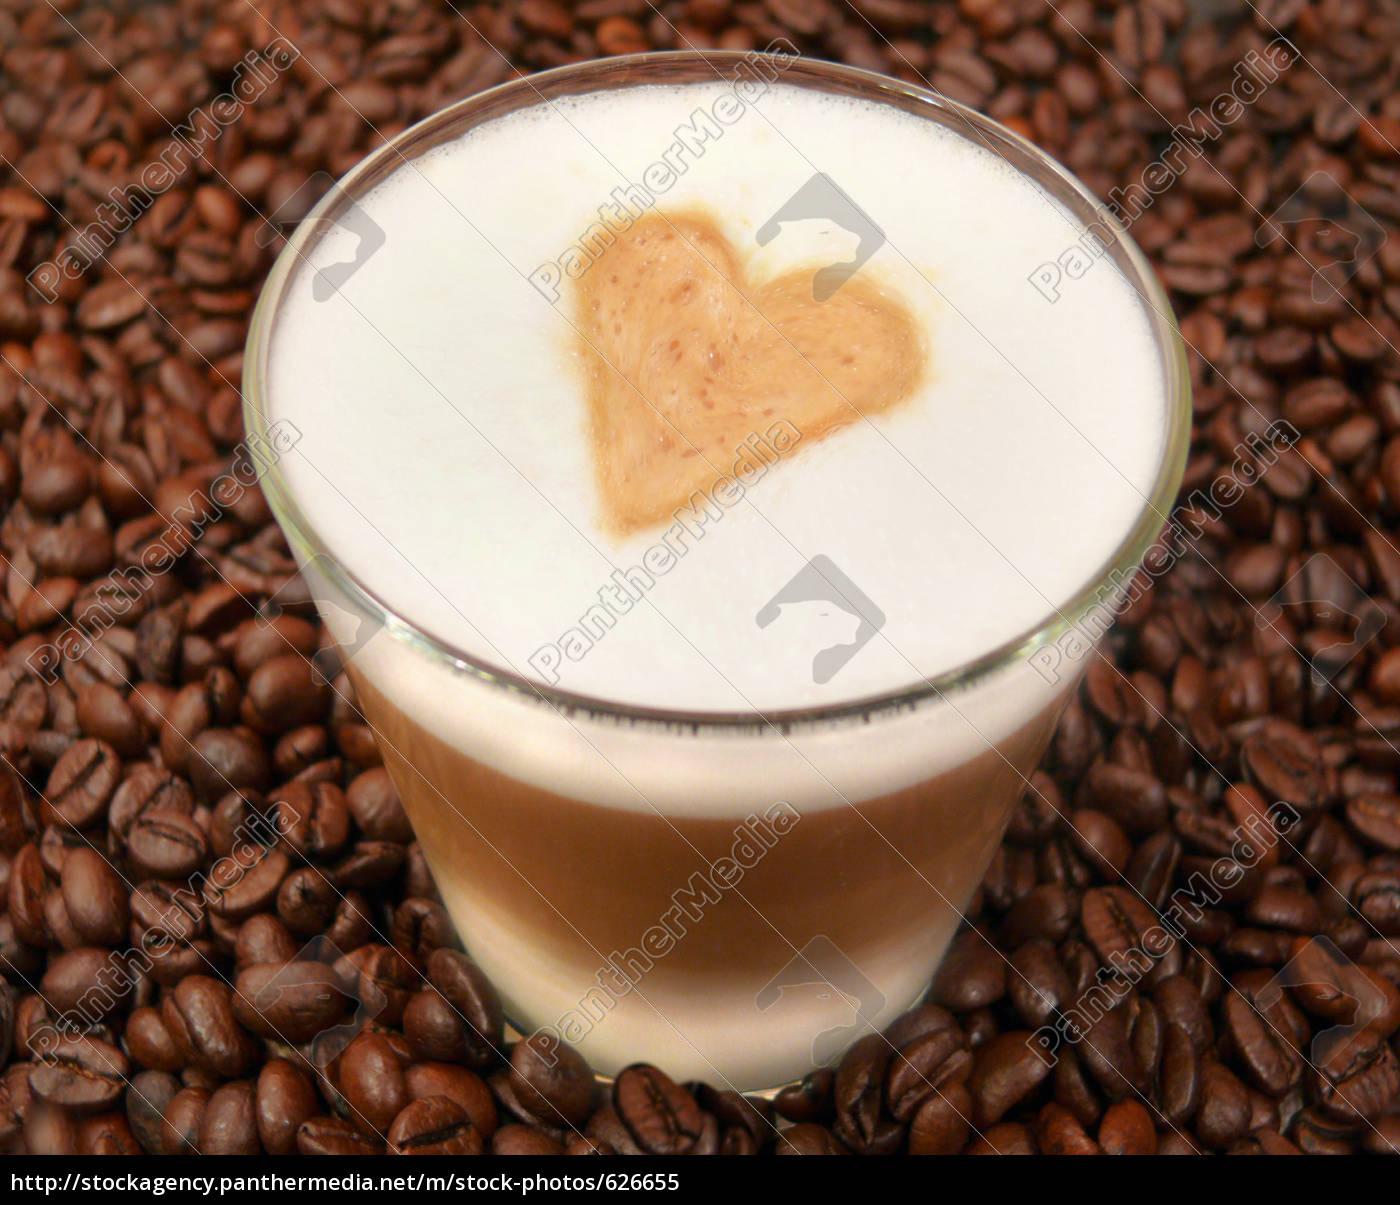 kommst, du, auf, einen, kaffee, vorbei? - 626655